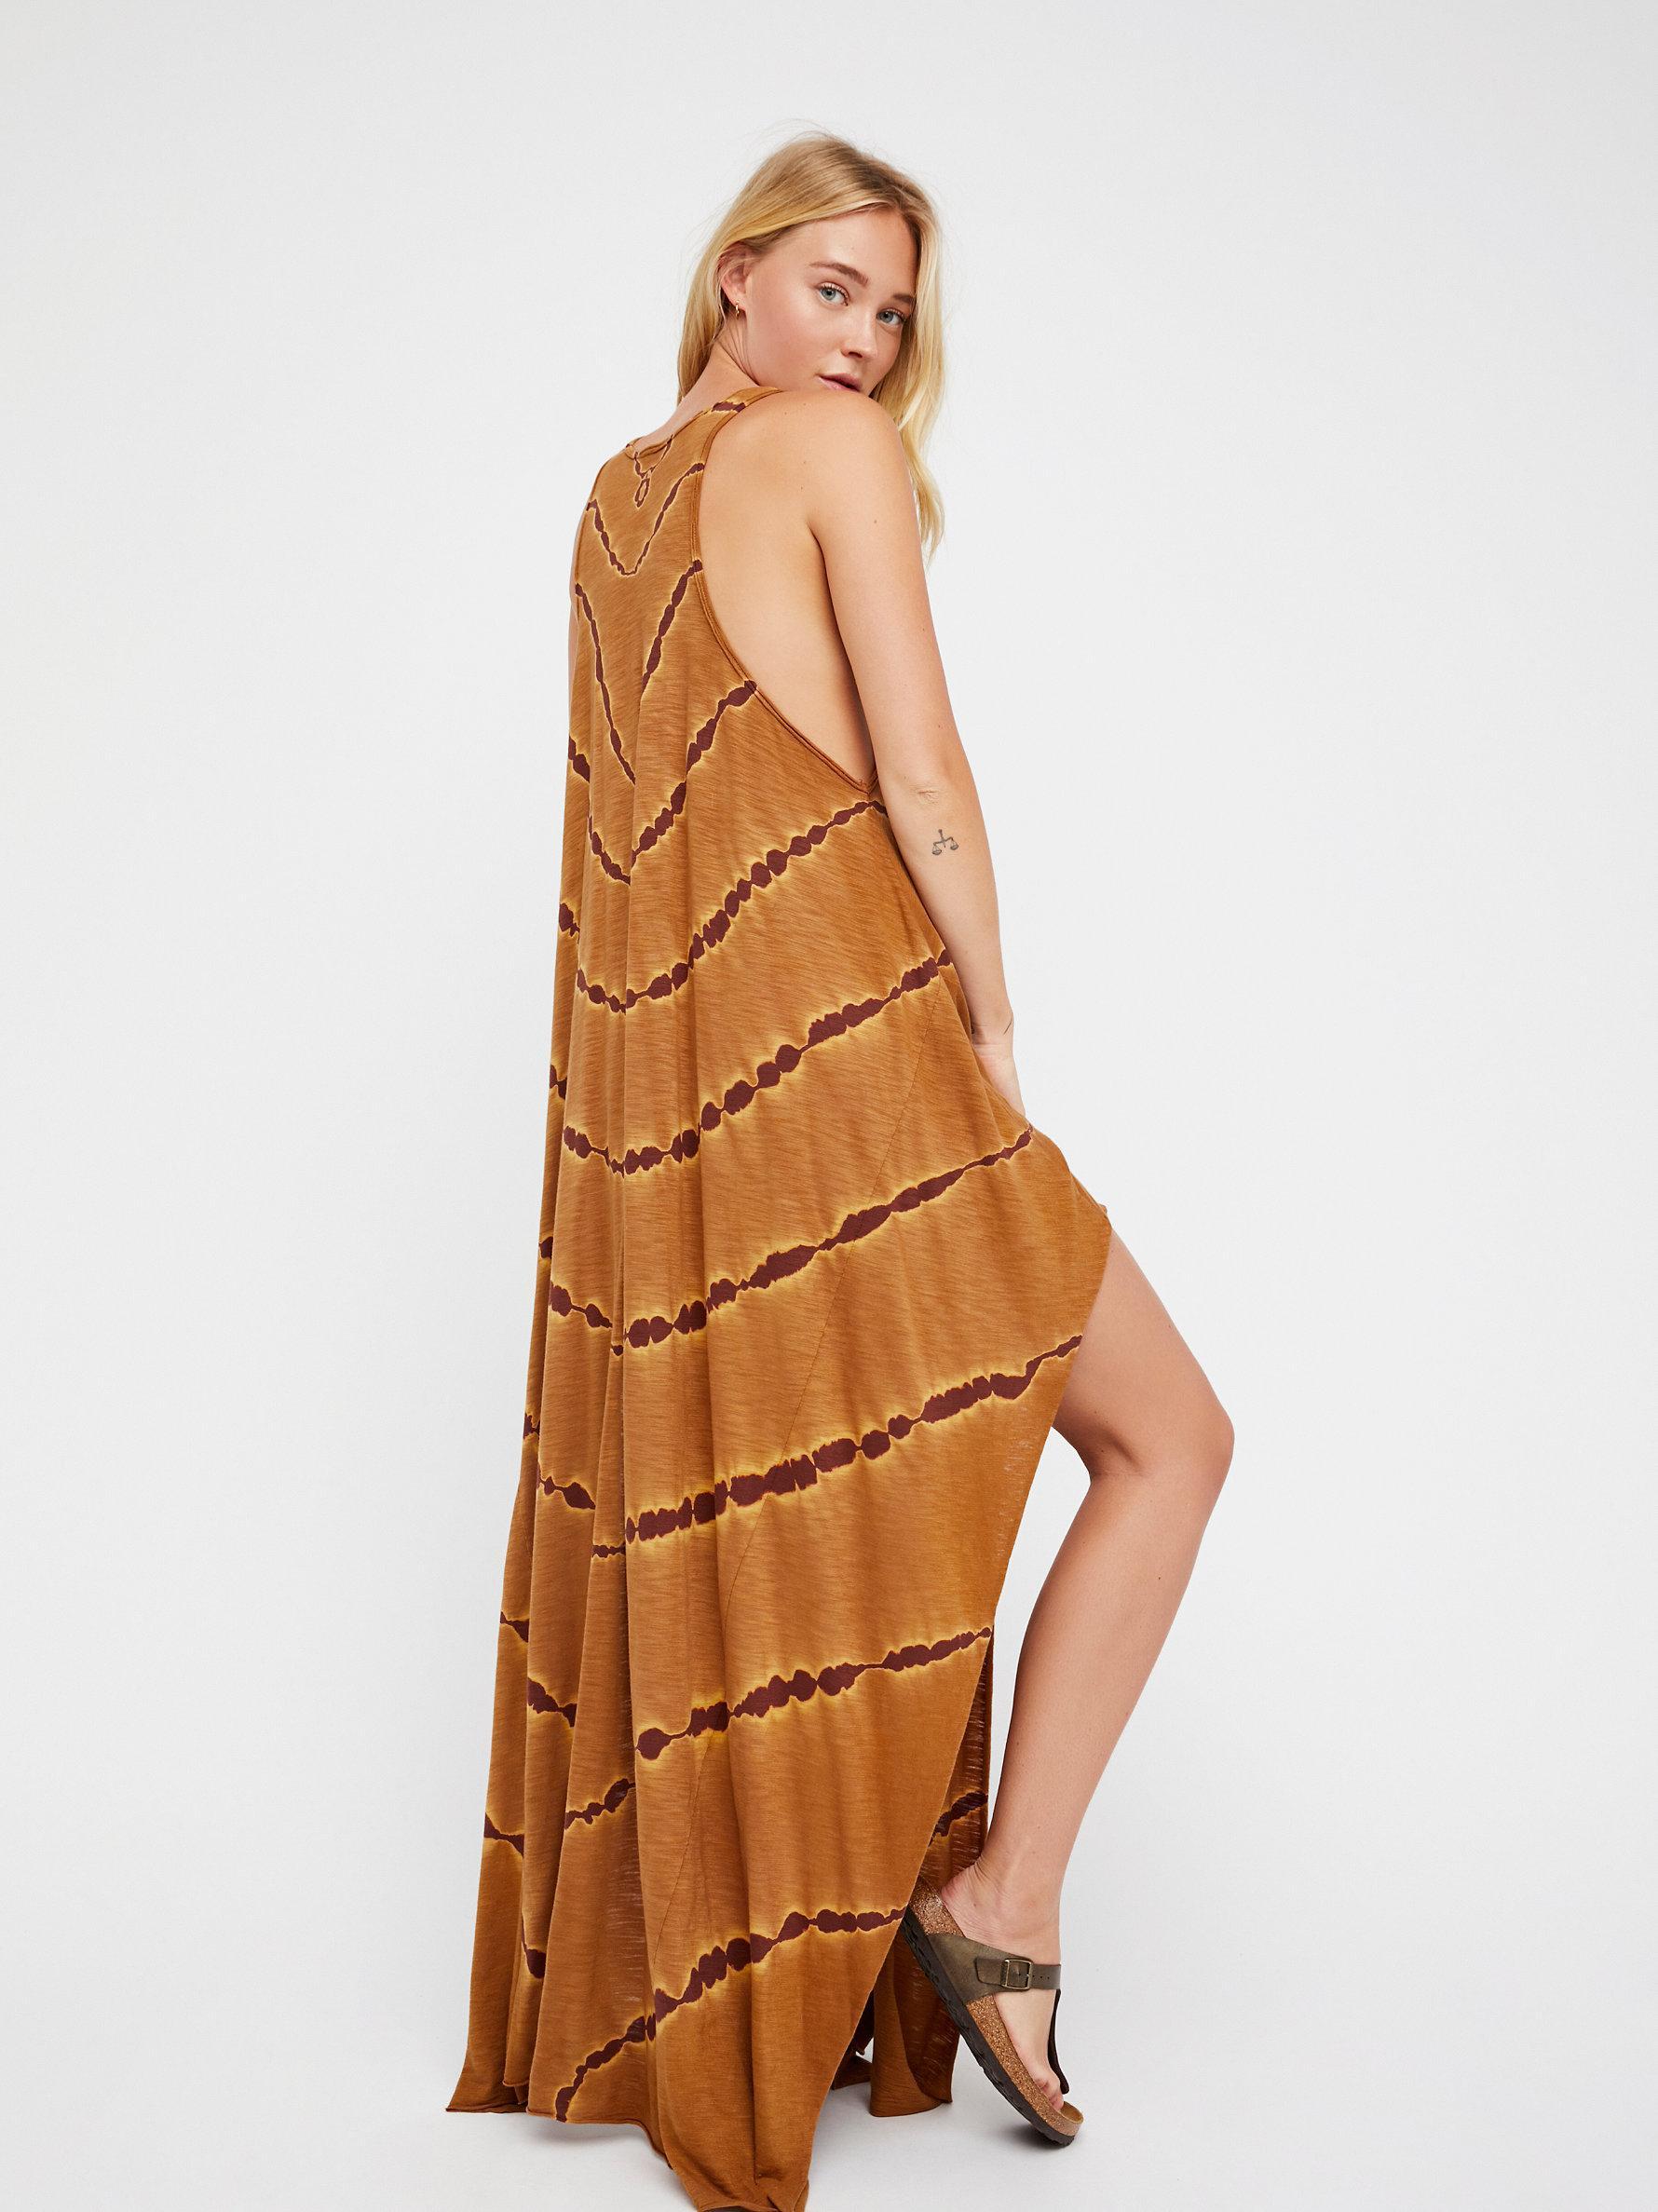 d345099c1 e luna clothing - Ecosia